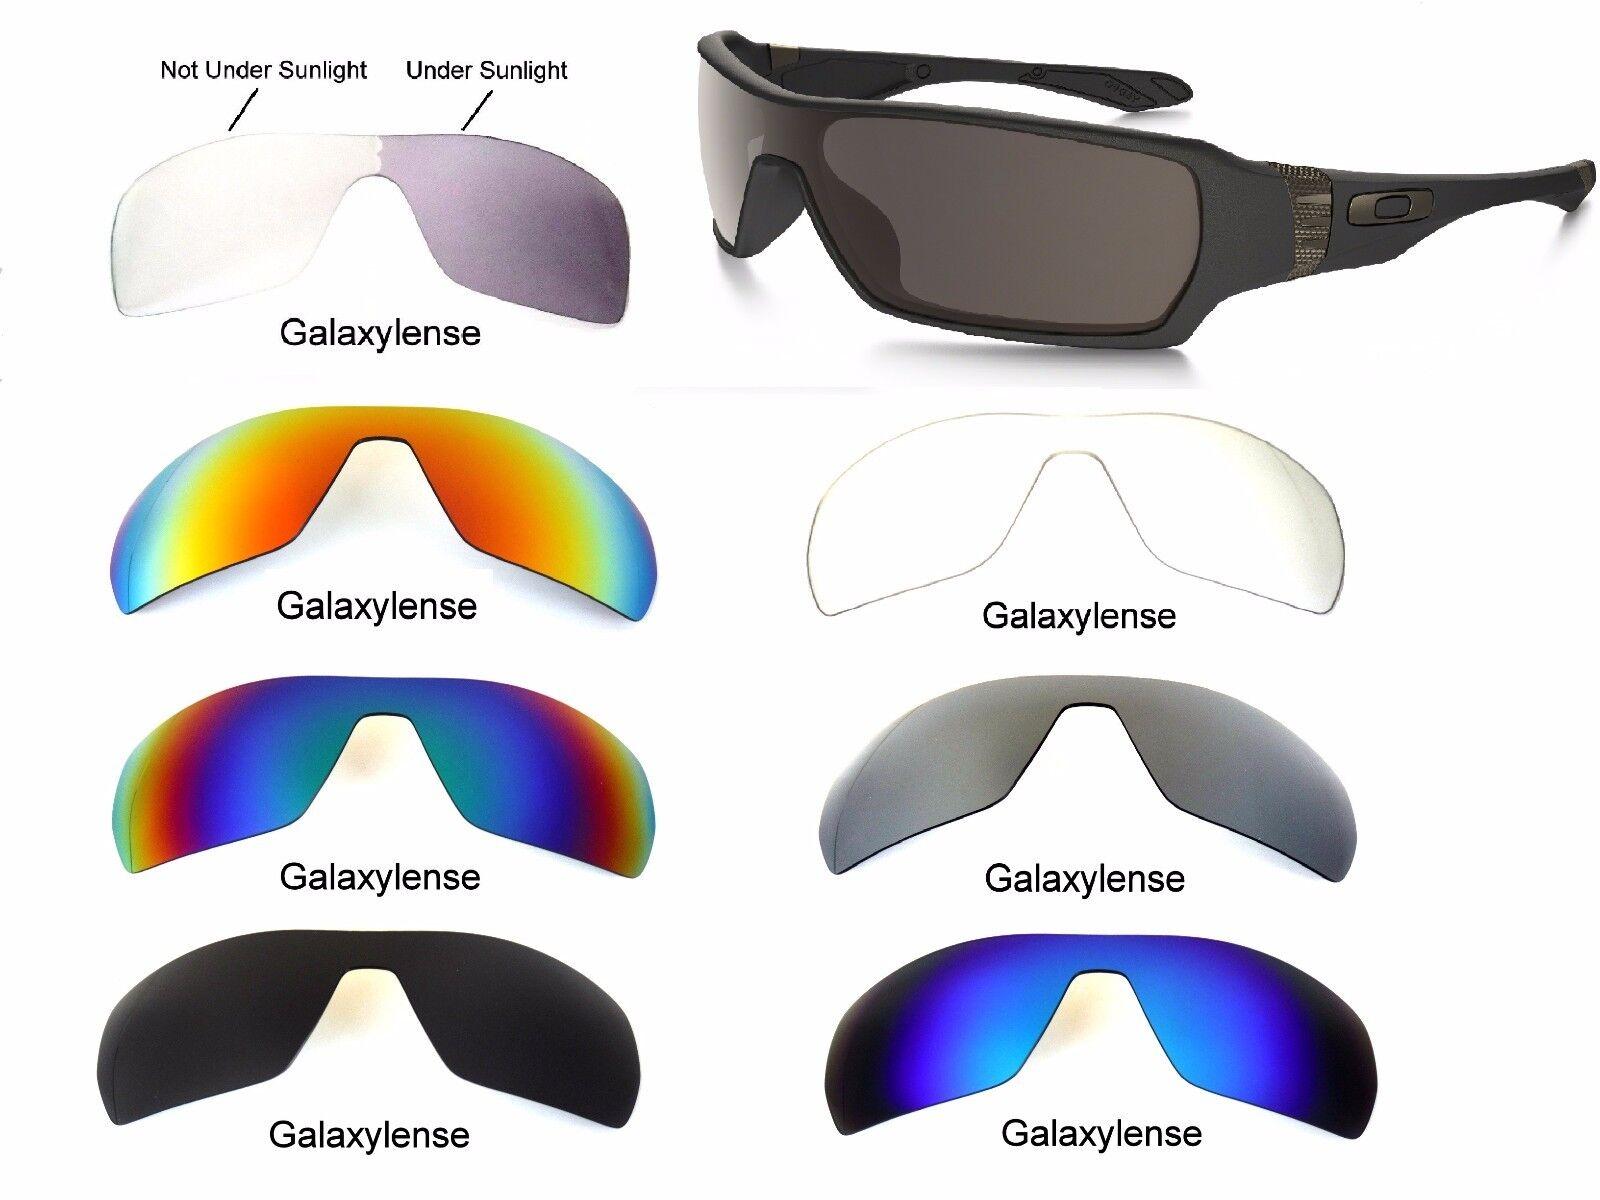 Verres de rechange Galaxy pour ramification de Oakley Lunettes de soleil  Multi-Color polarisé 0f4cc94f5384